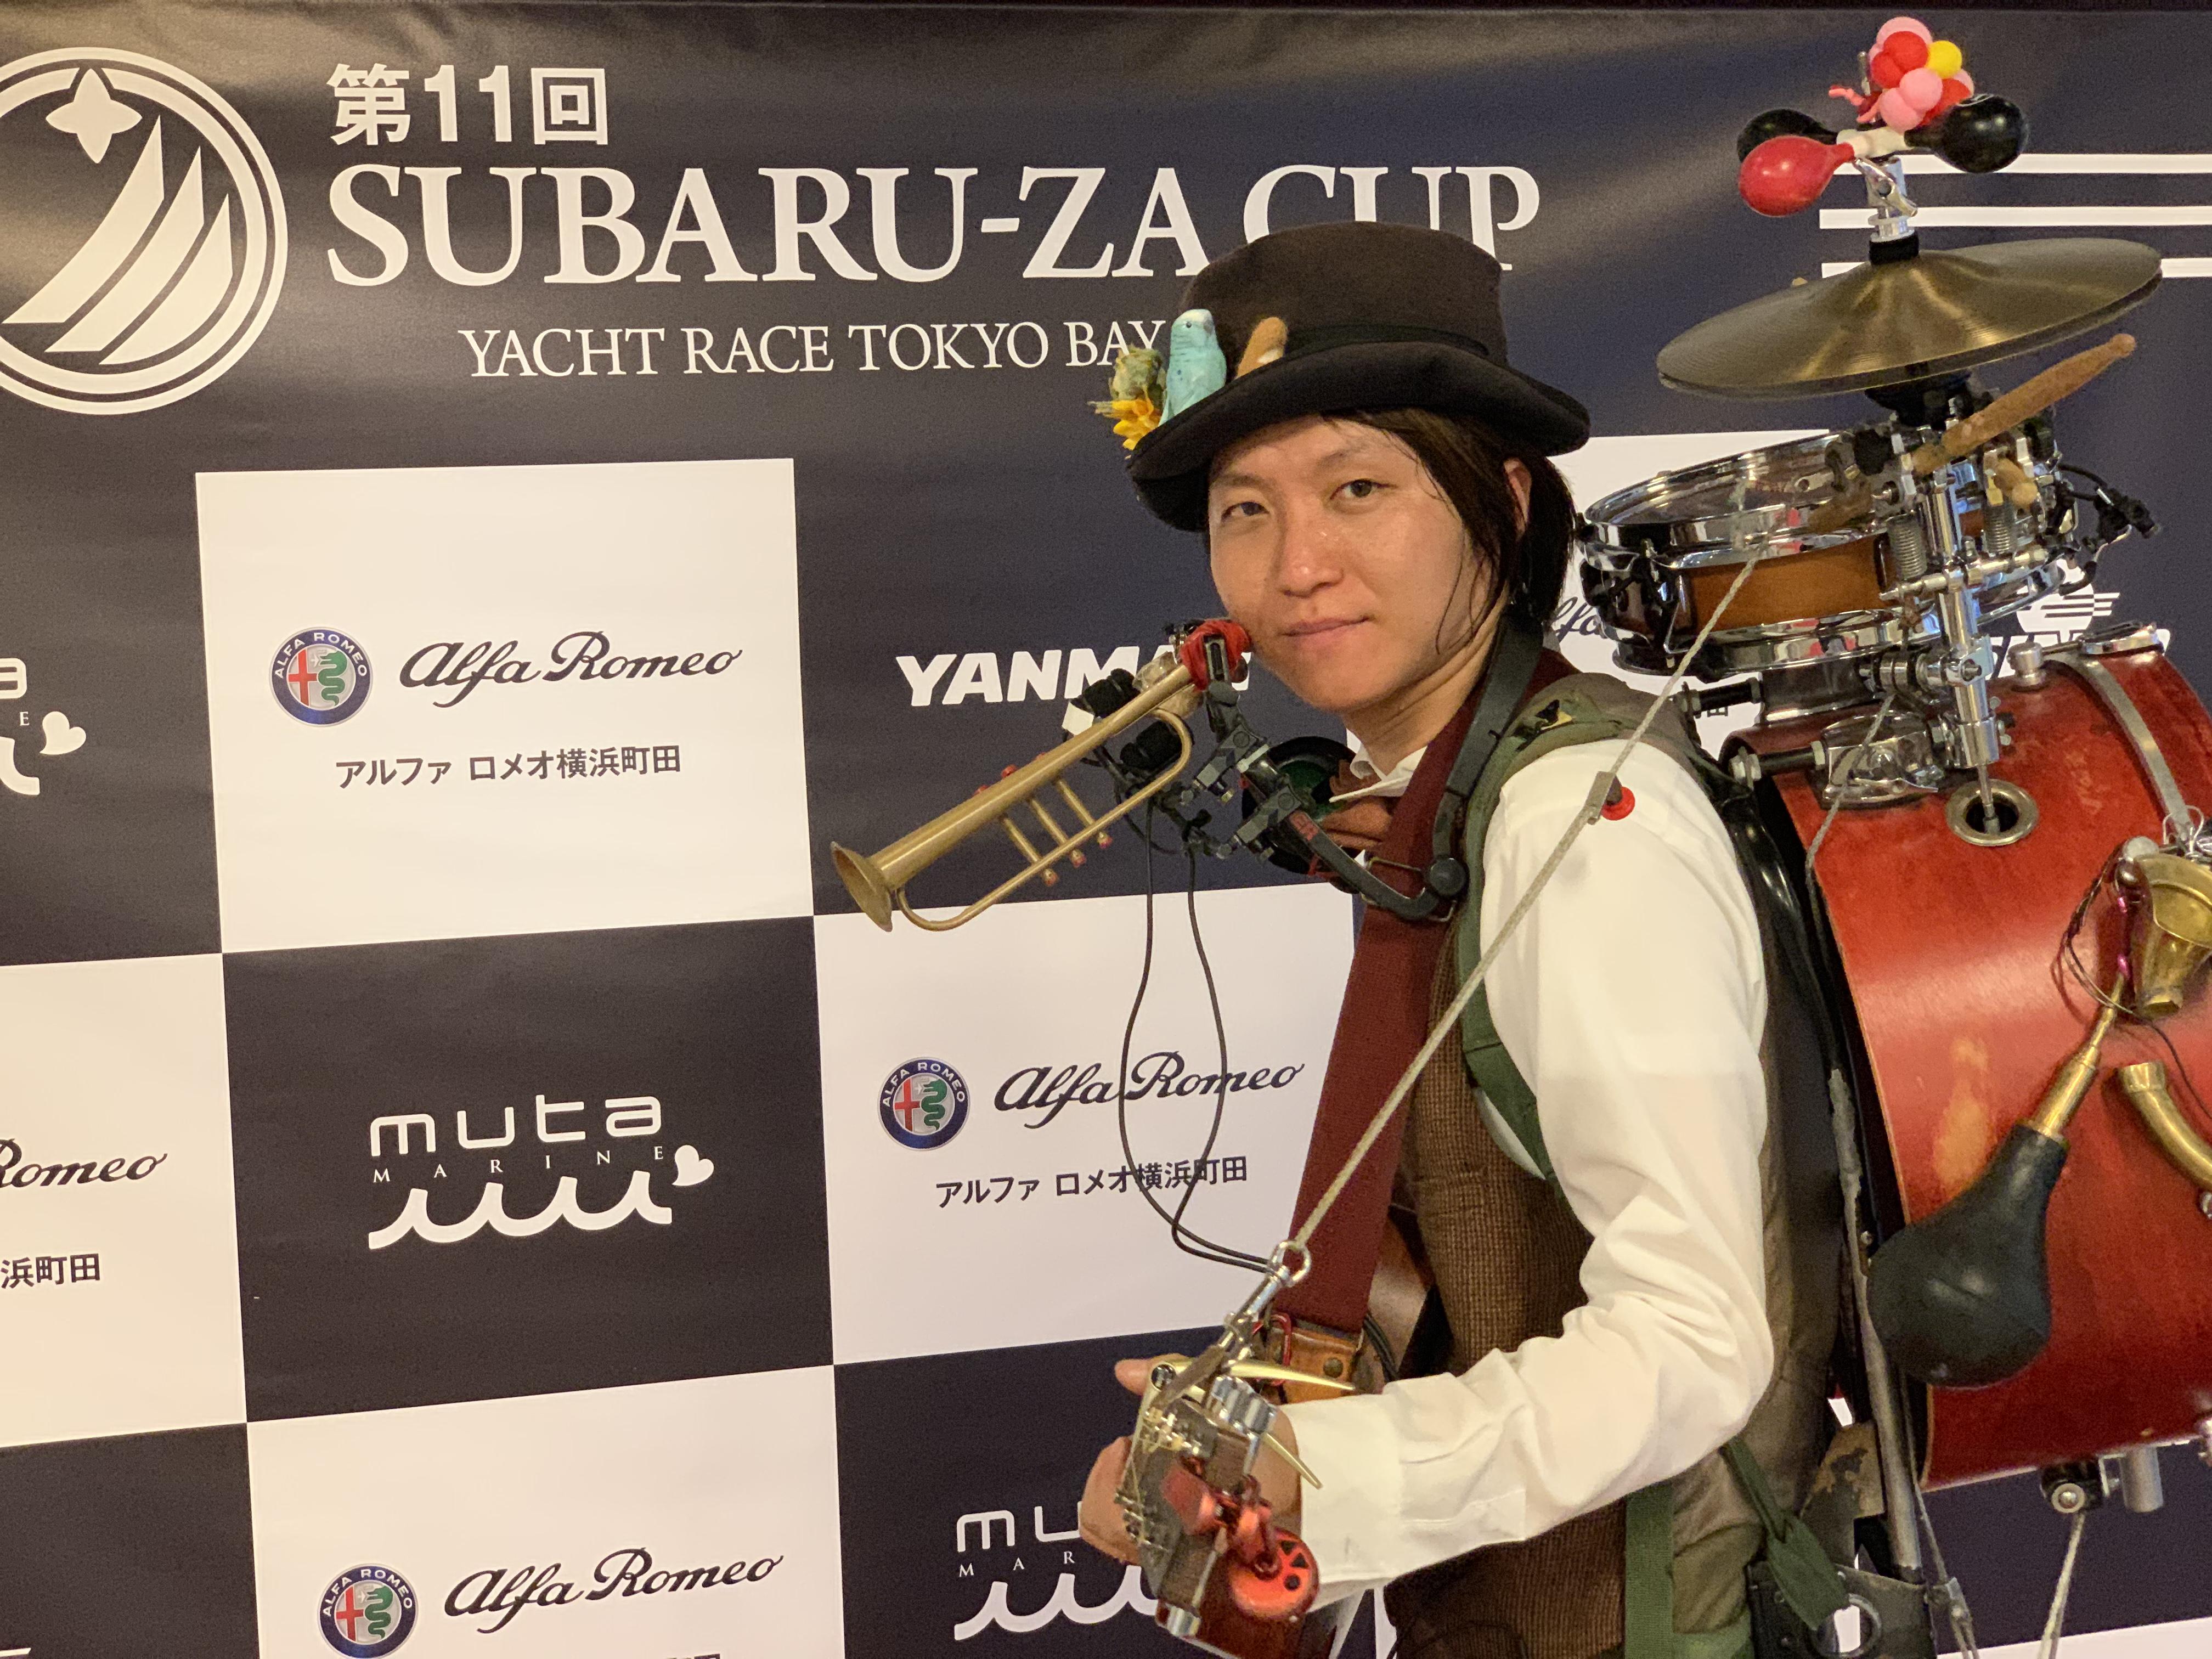 第11回スバルザカップ<BR>ヨットレース<BR>東京ベイオープン2019